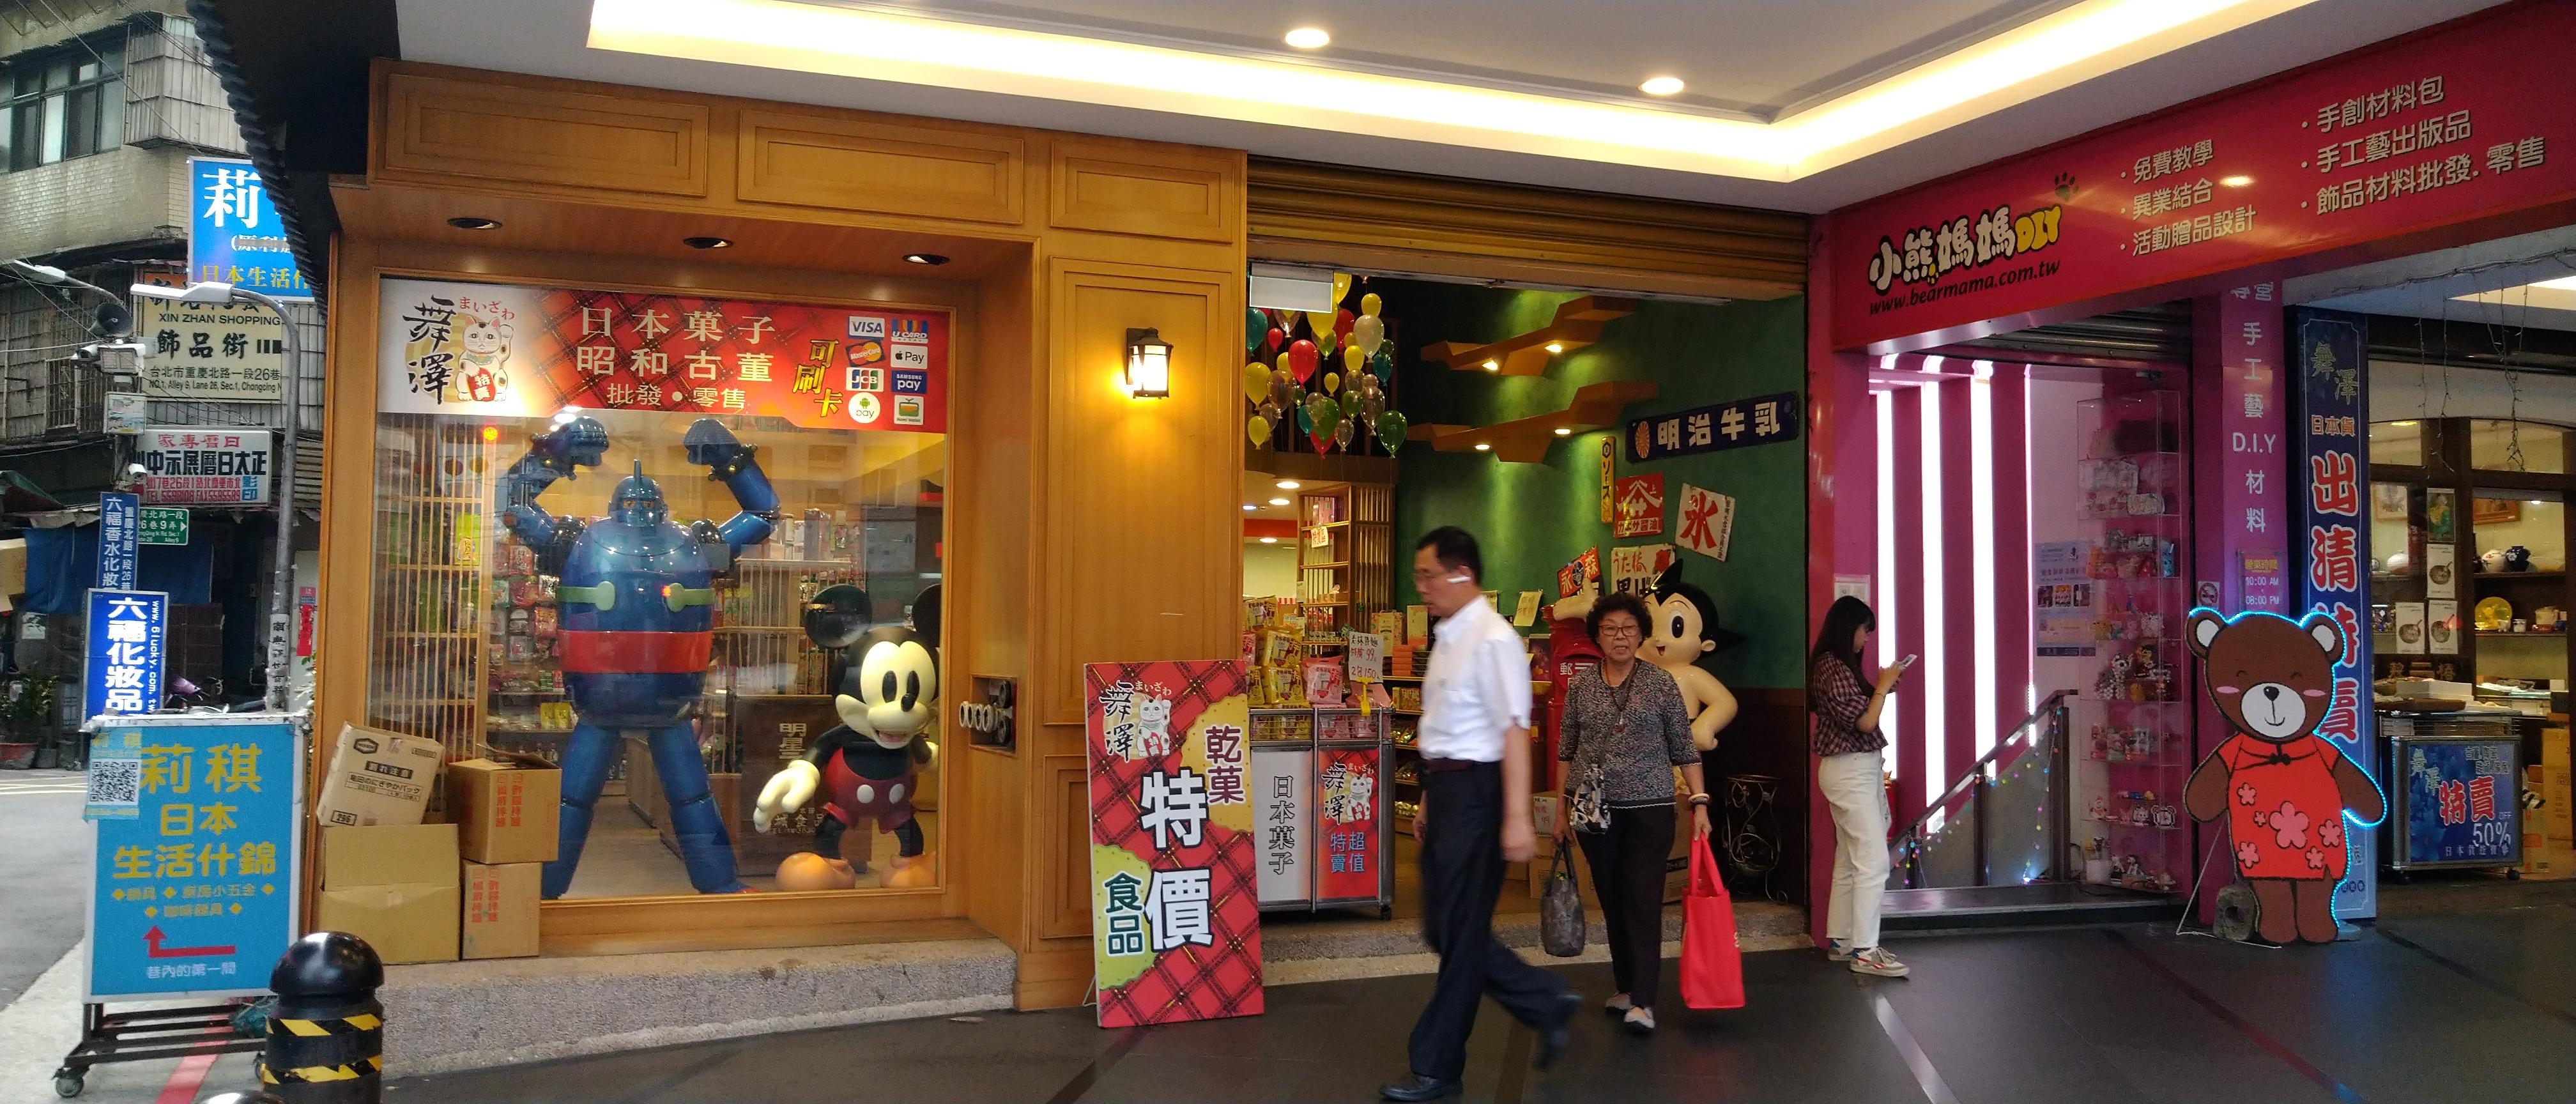 [玩在臺北] 臺北車站小憩 | 香港。臺北。上海